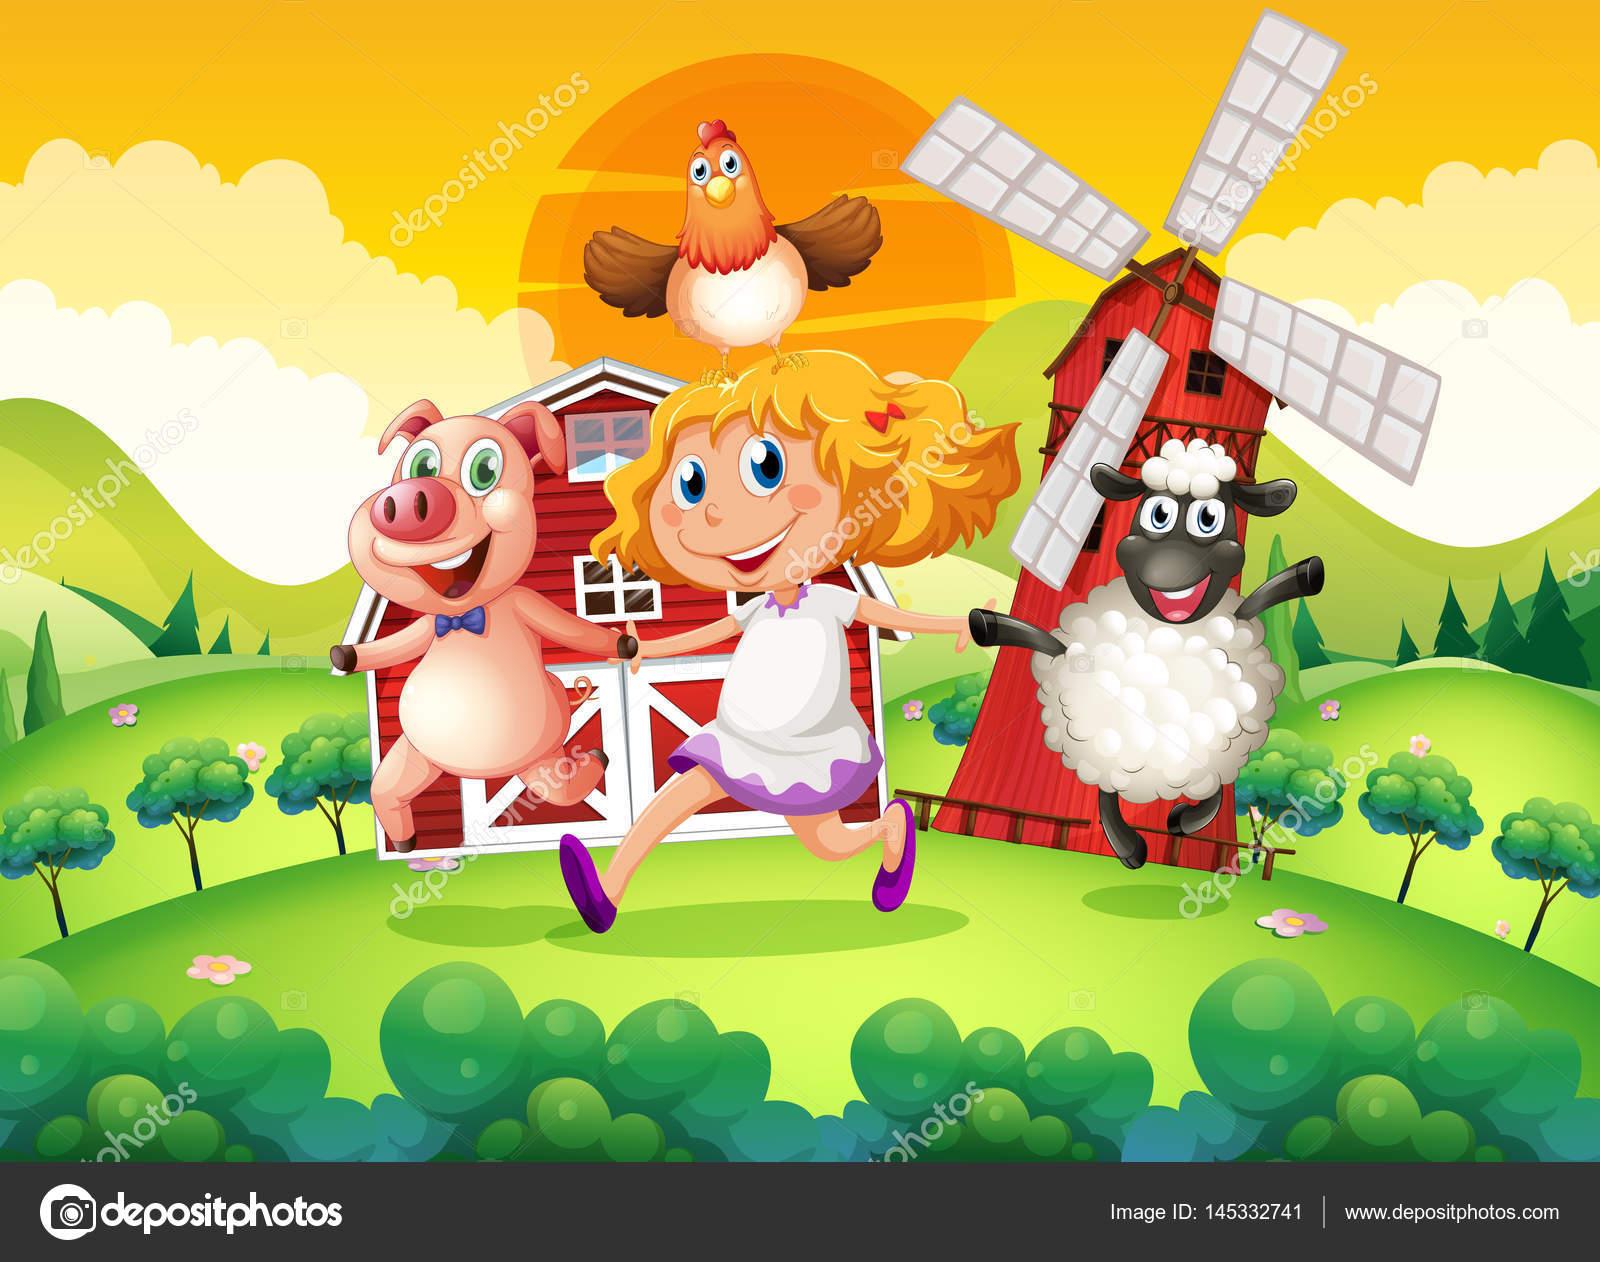 女の子と動物農場のシーン — ストックベクター © interactimages #145332741